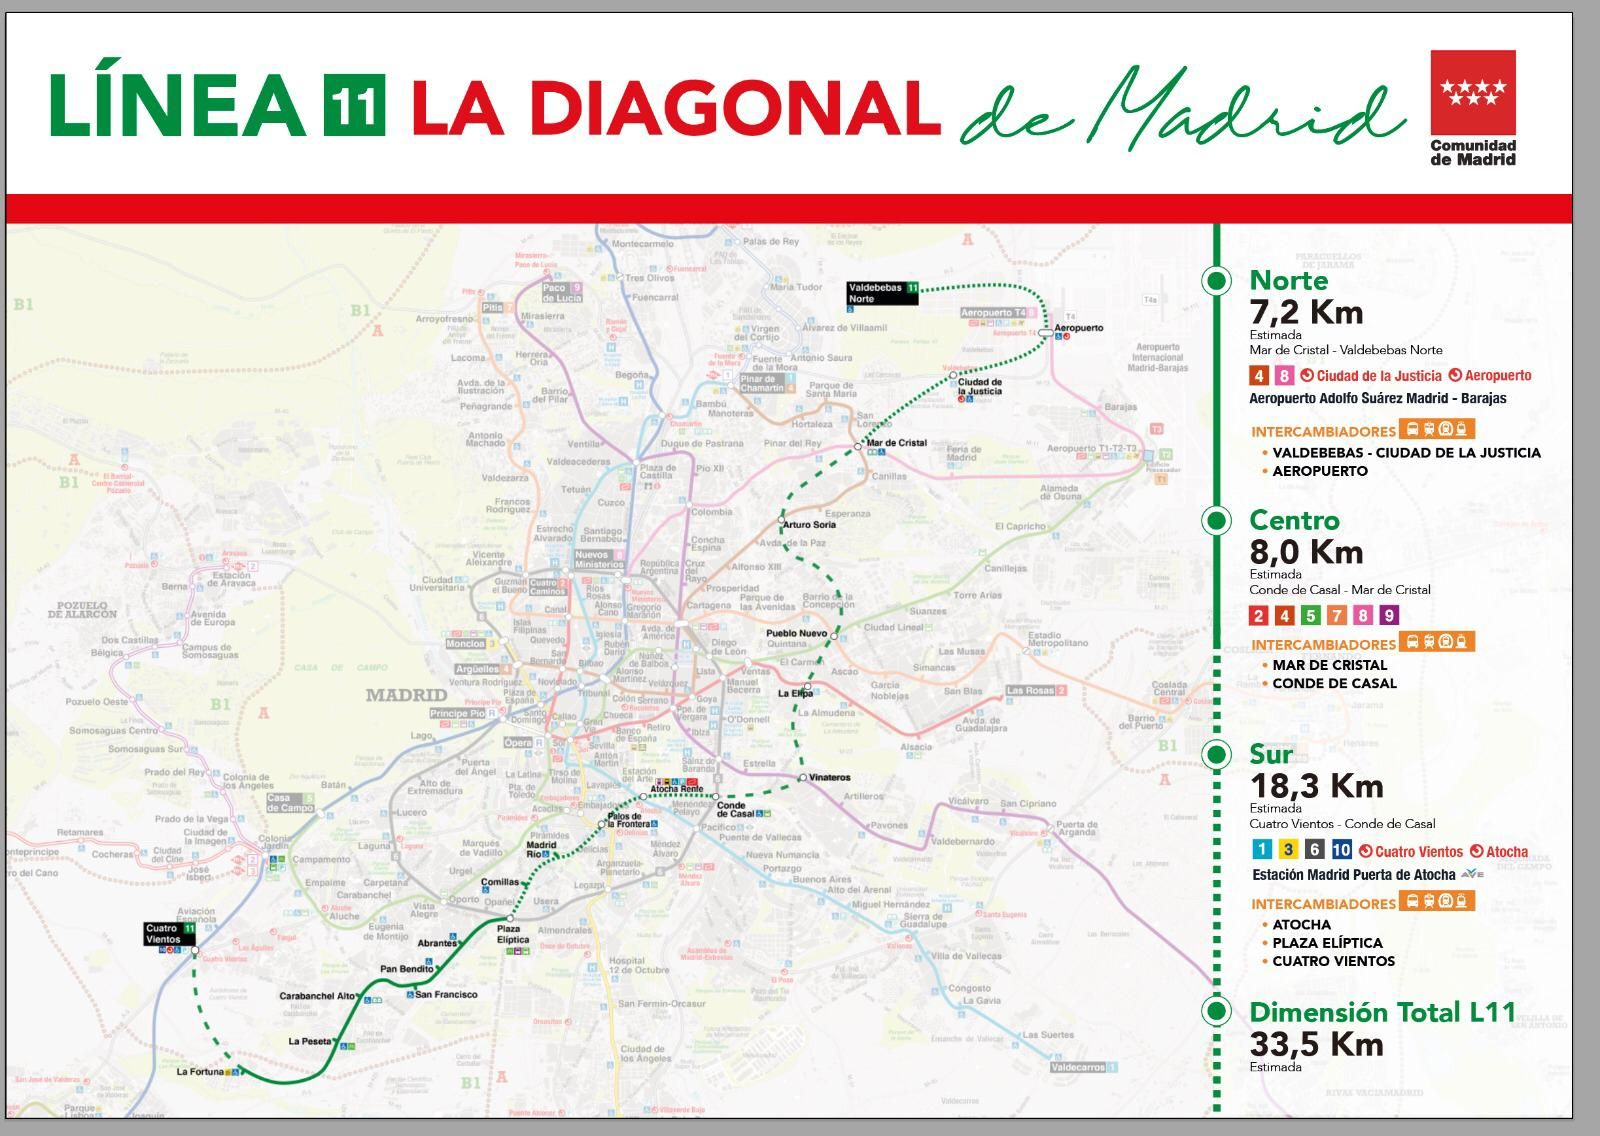 """Metro hará de la línea 11 la """"Diagonal de Madrid"""": de Valdebebas a Cuatro Vientos"""